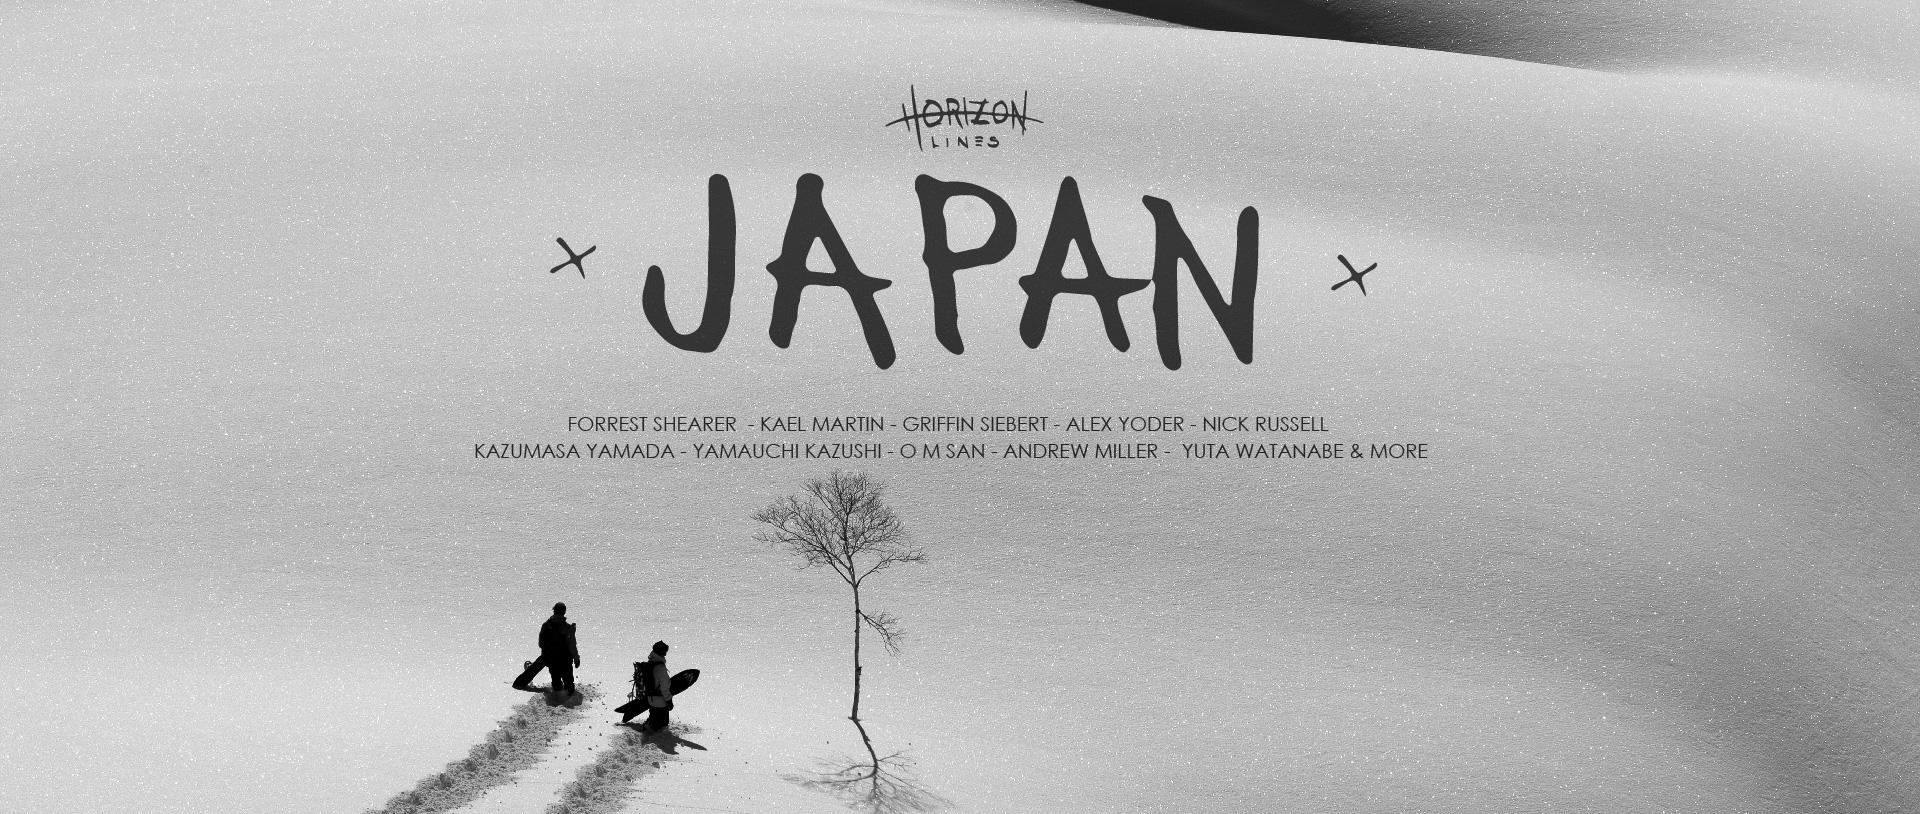 HL_JAPAN WIDE - 003 vimeo.jpg